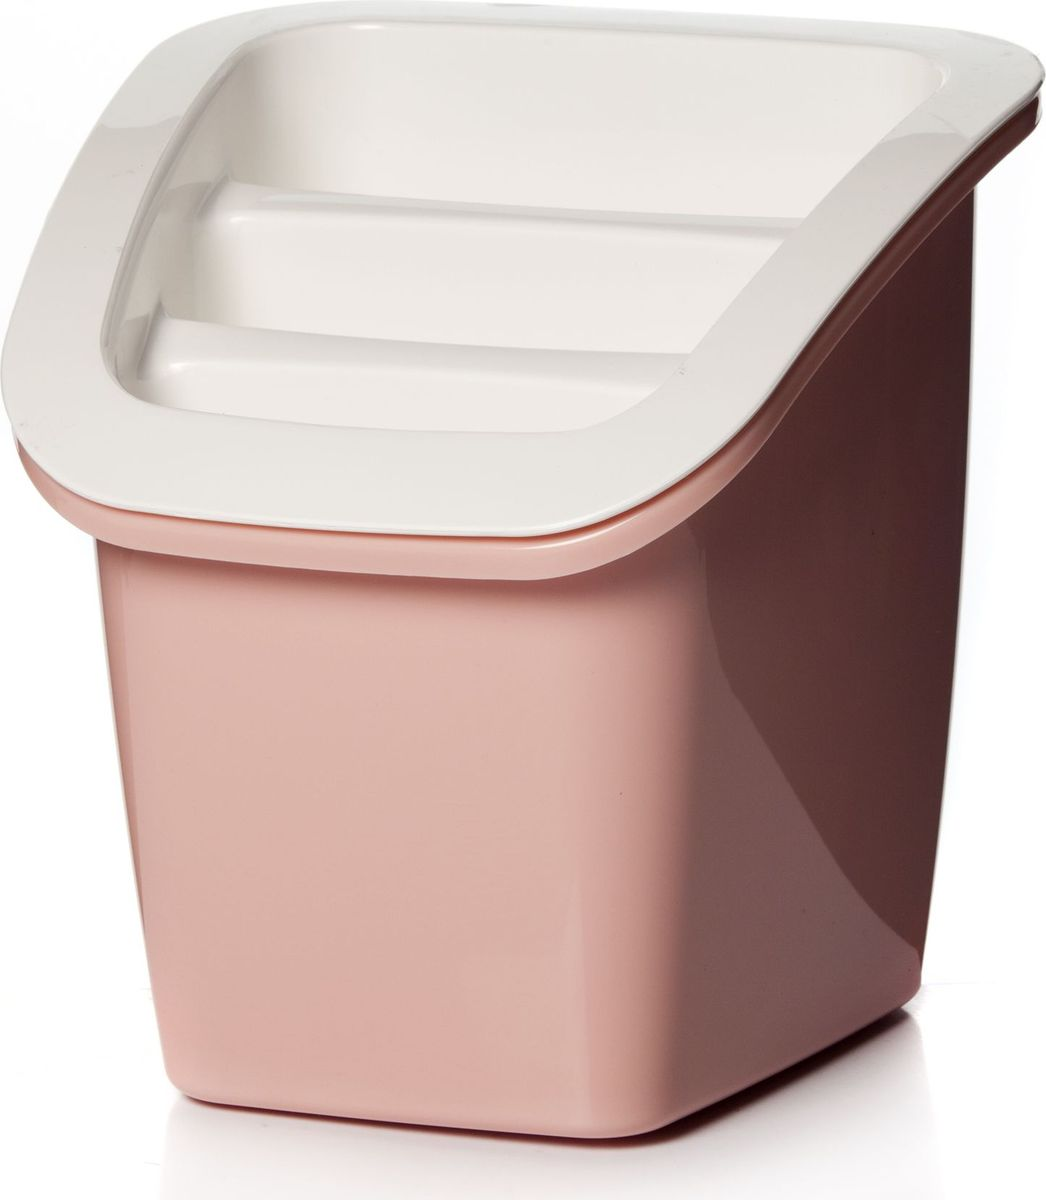 Подставка для столовых приборов Herevin, цвет: розовый, белый. 161235-500161235-500Подставка для столовых приборов Herevin, выполненная из прочного пластика, состоит из двух частей - верхняя съемная. Изделие имеет 3 продолговатые секции для хранения различных столовых приборов. Внизу секции оснащены отверстиями для стока жидкости. Такая подставка не только позволит аккуратно хранить столовые приборы, но и красиво дополнит интерьер кухни.